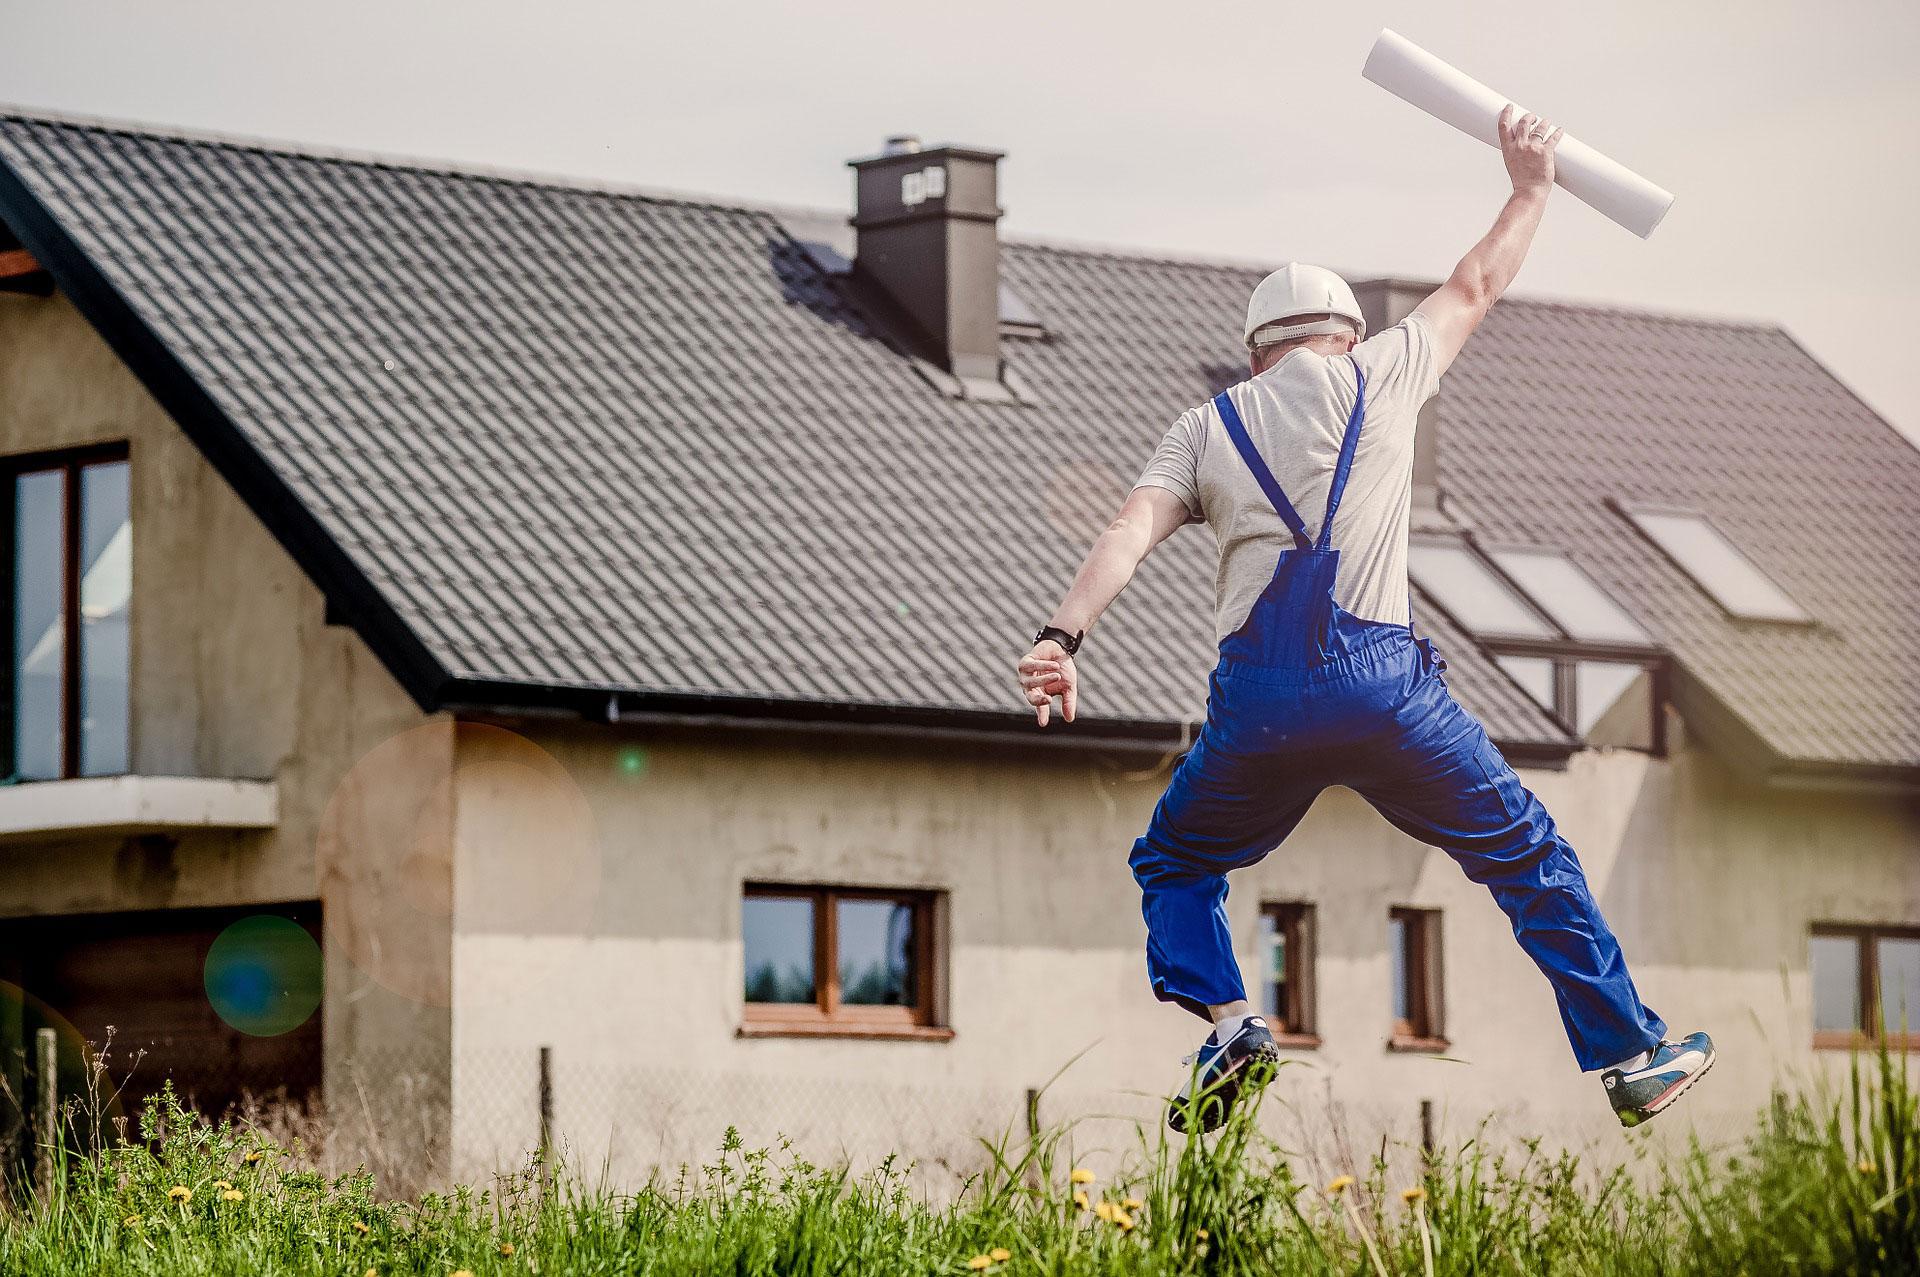 lavori-in-casa-senza-permesso-finetodesign-architetti